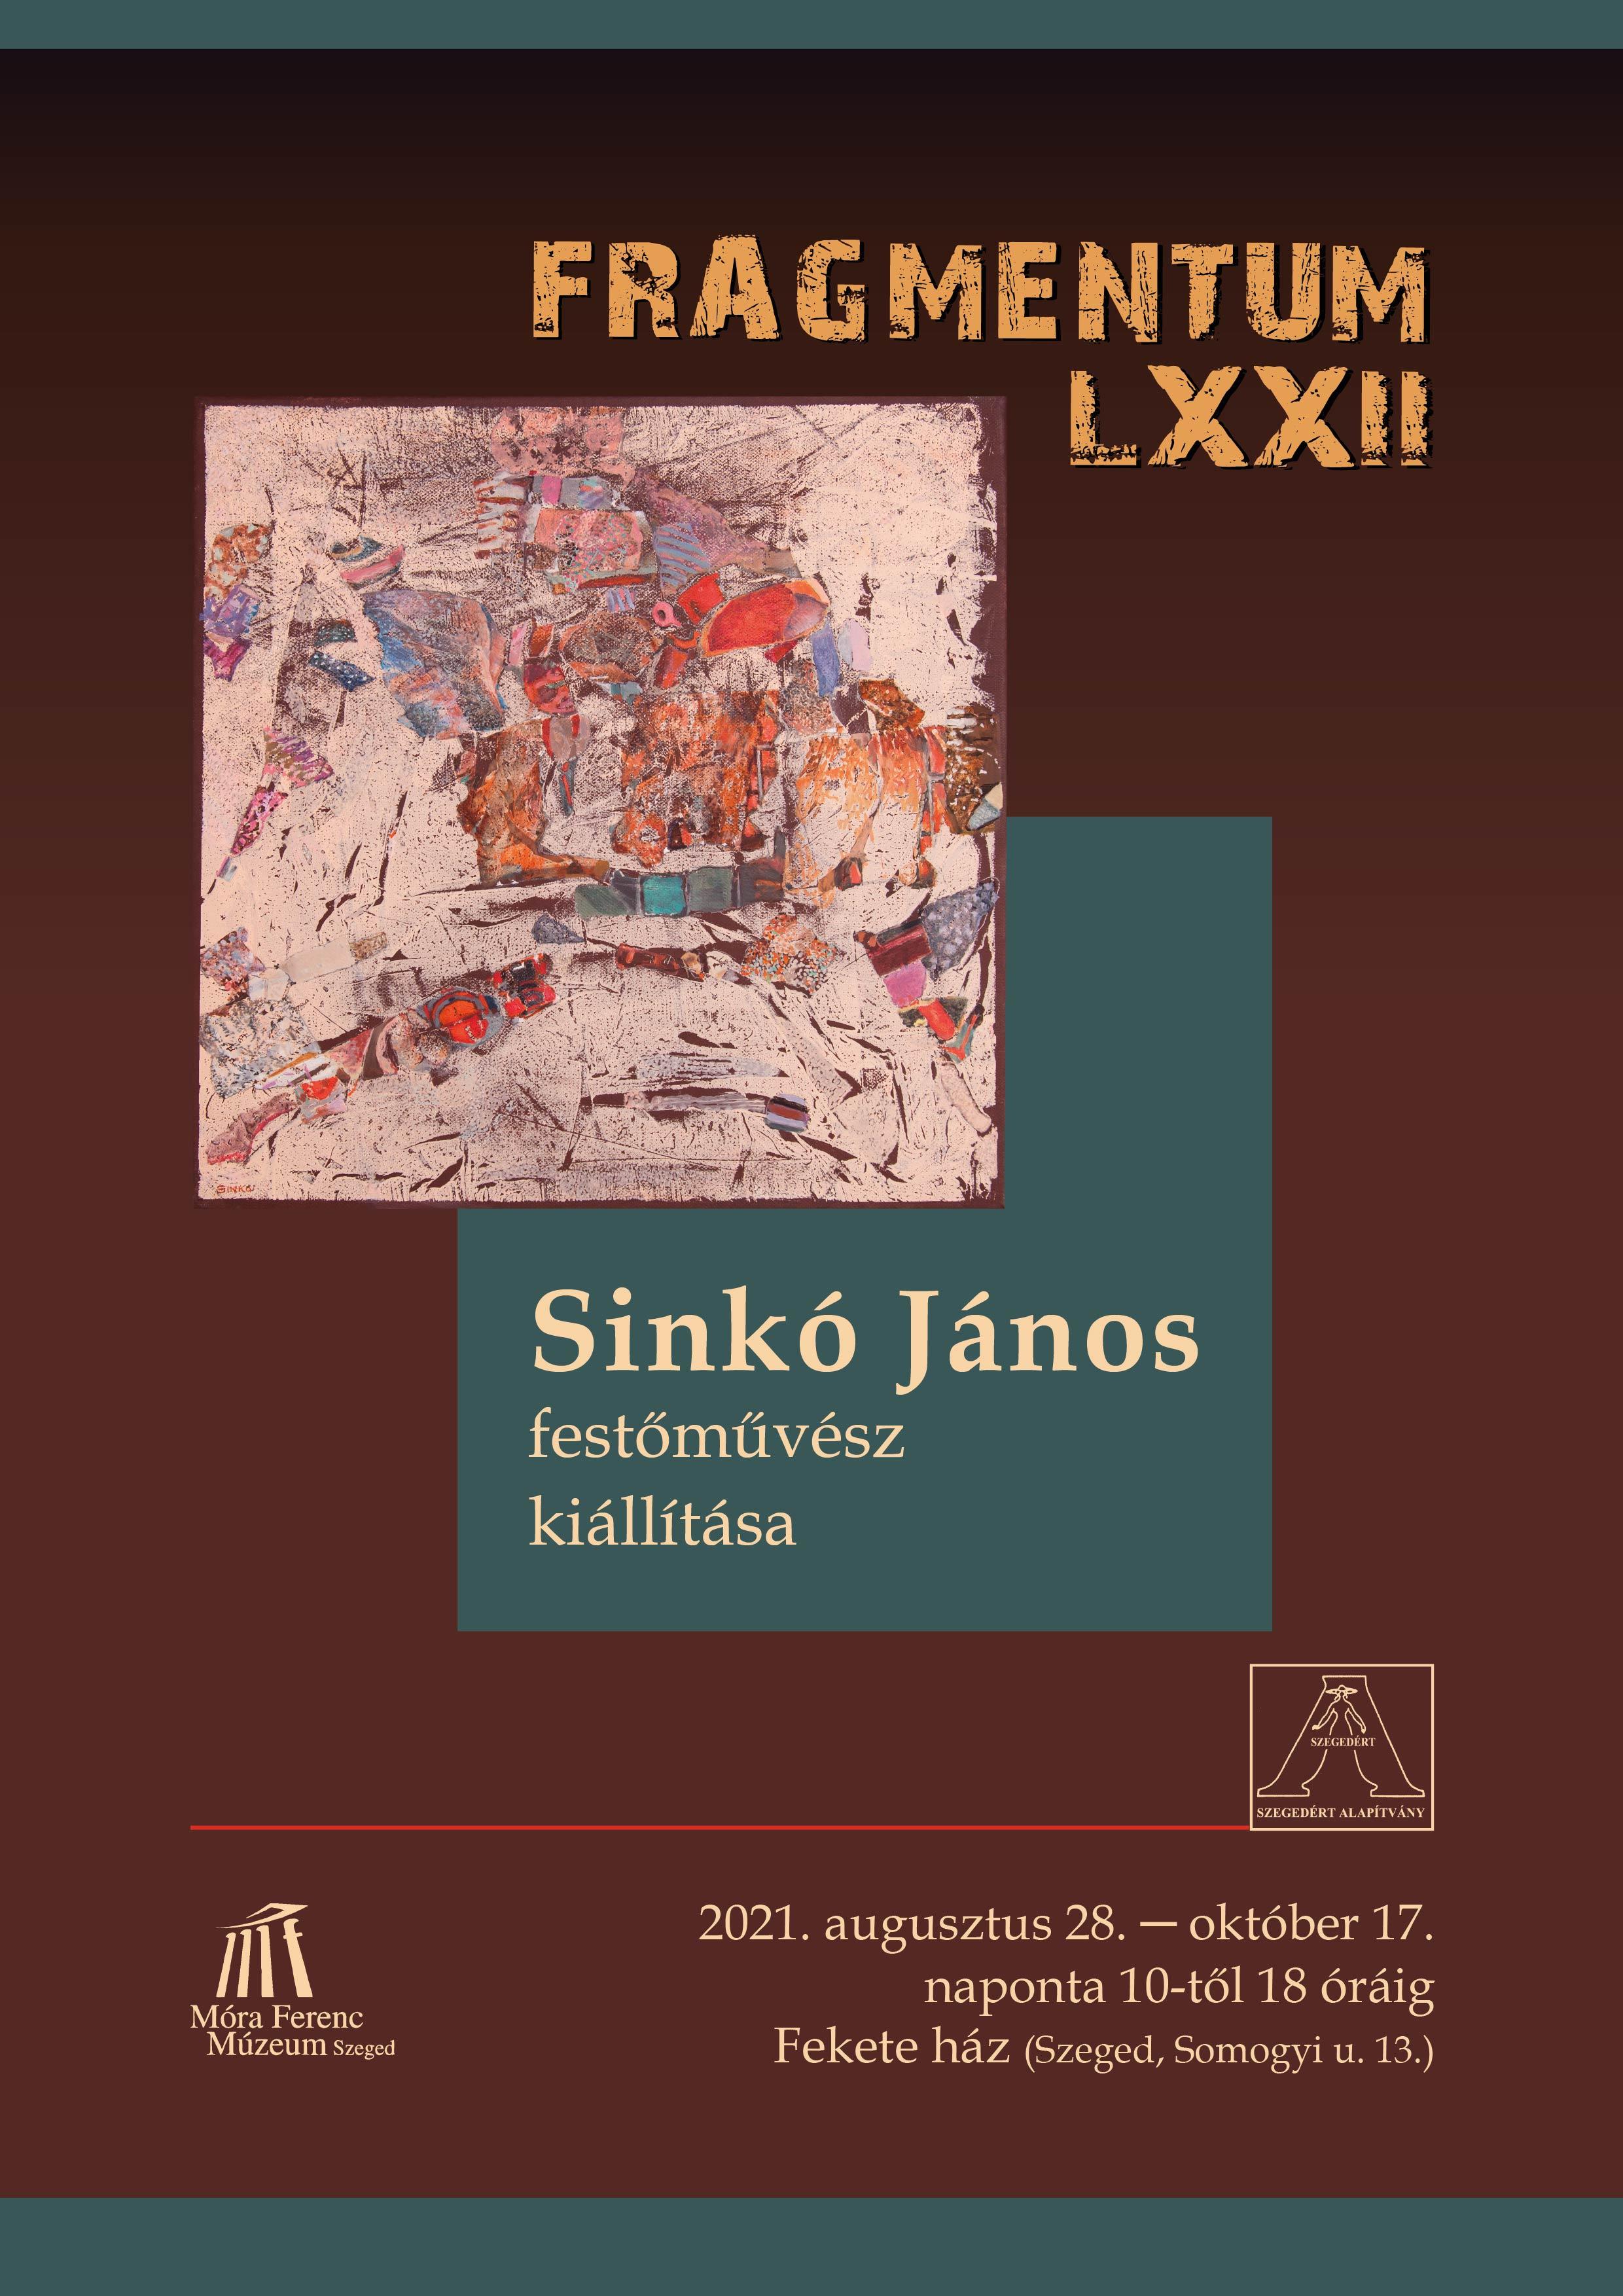 Sinkó János kiállítása a Fekete házban